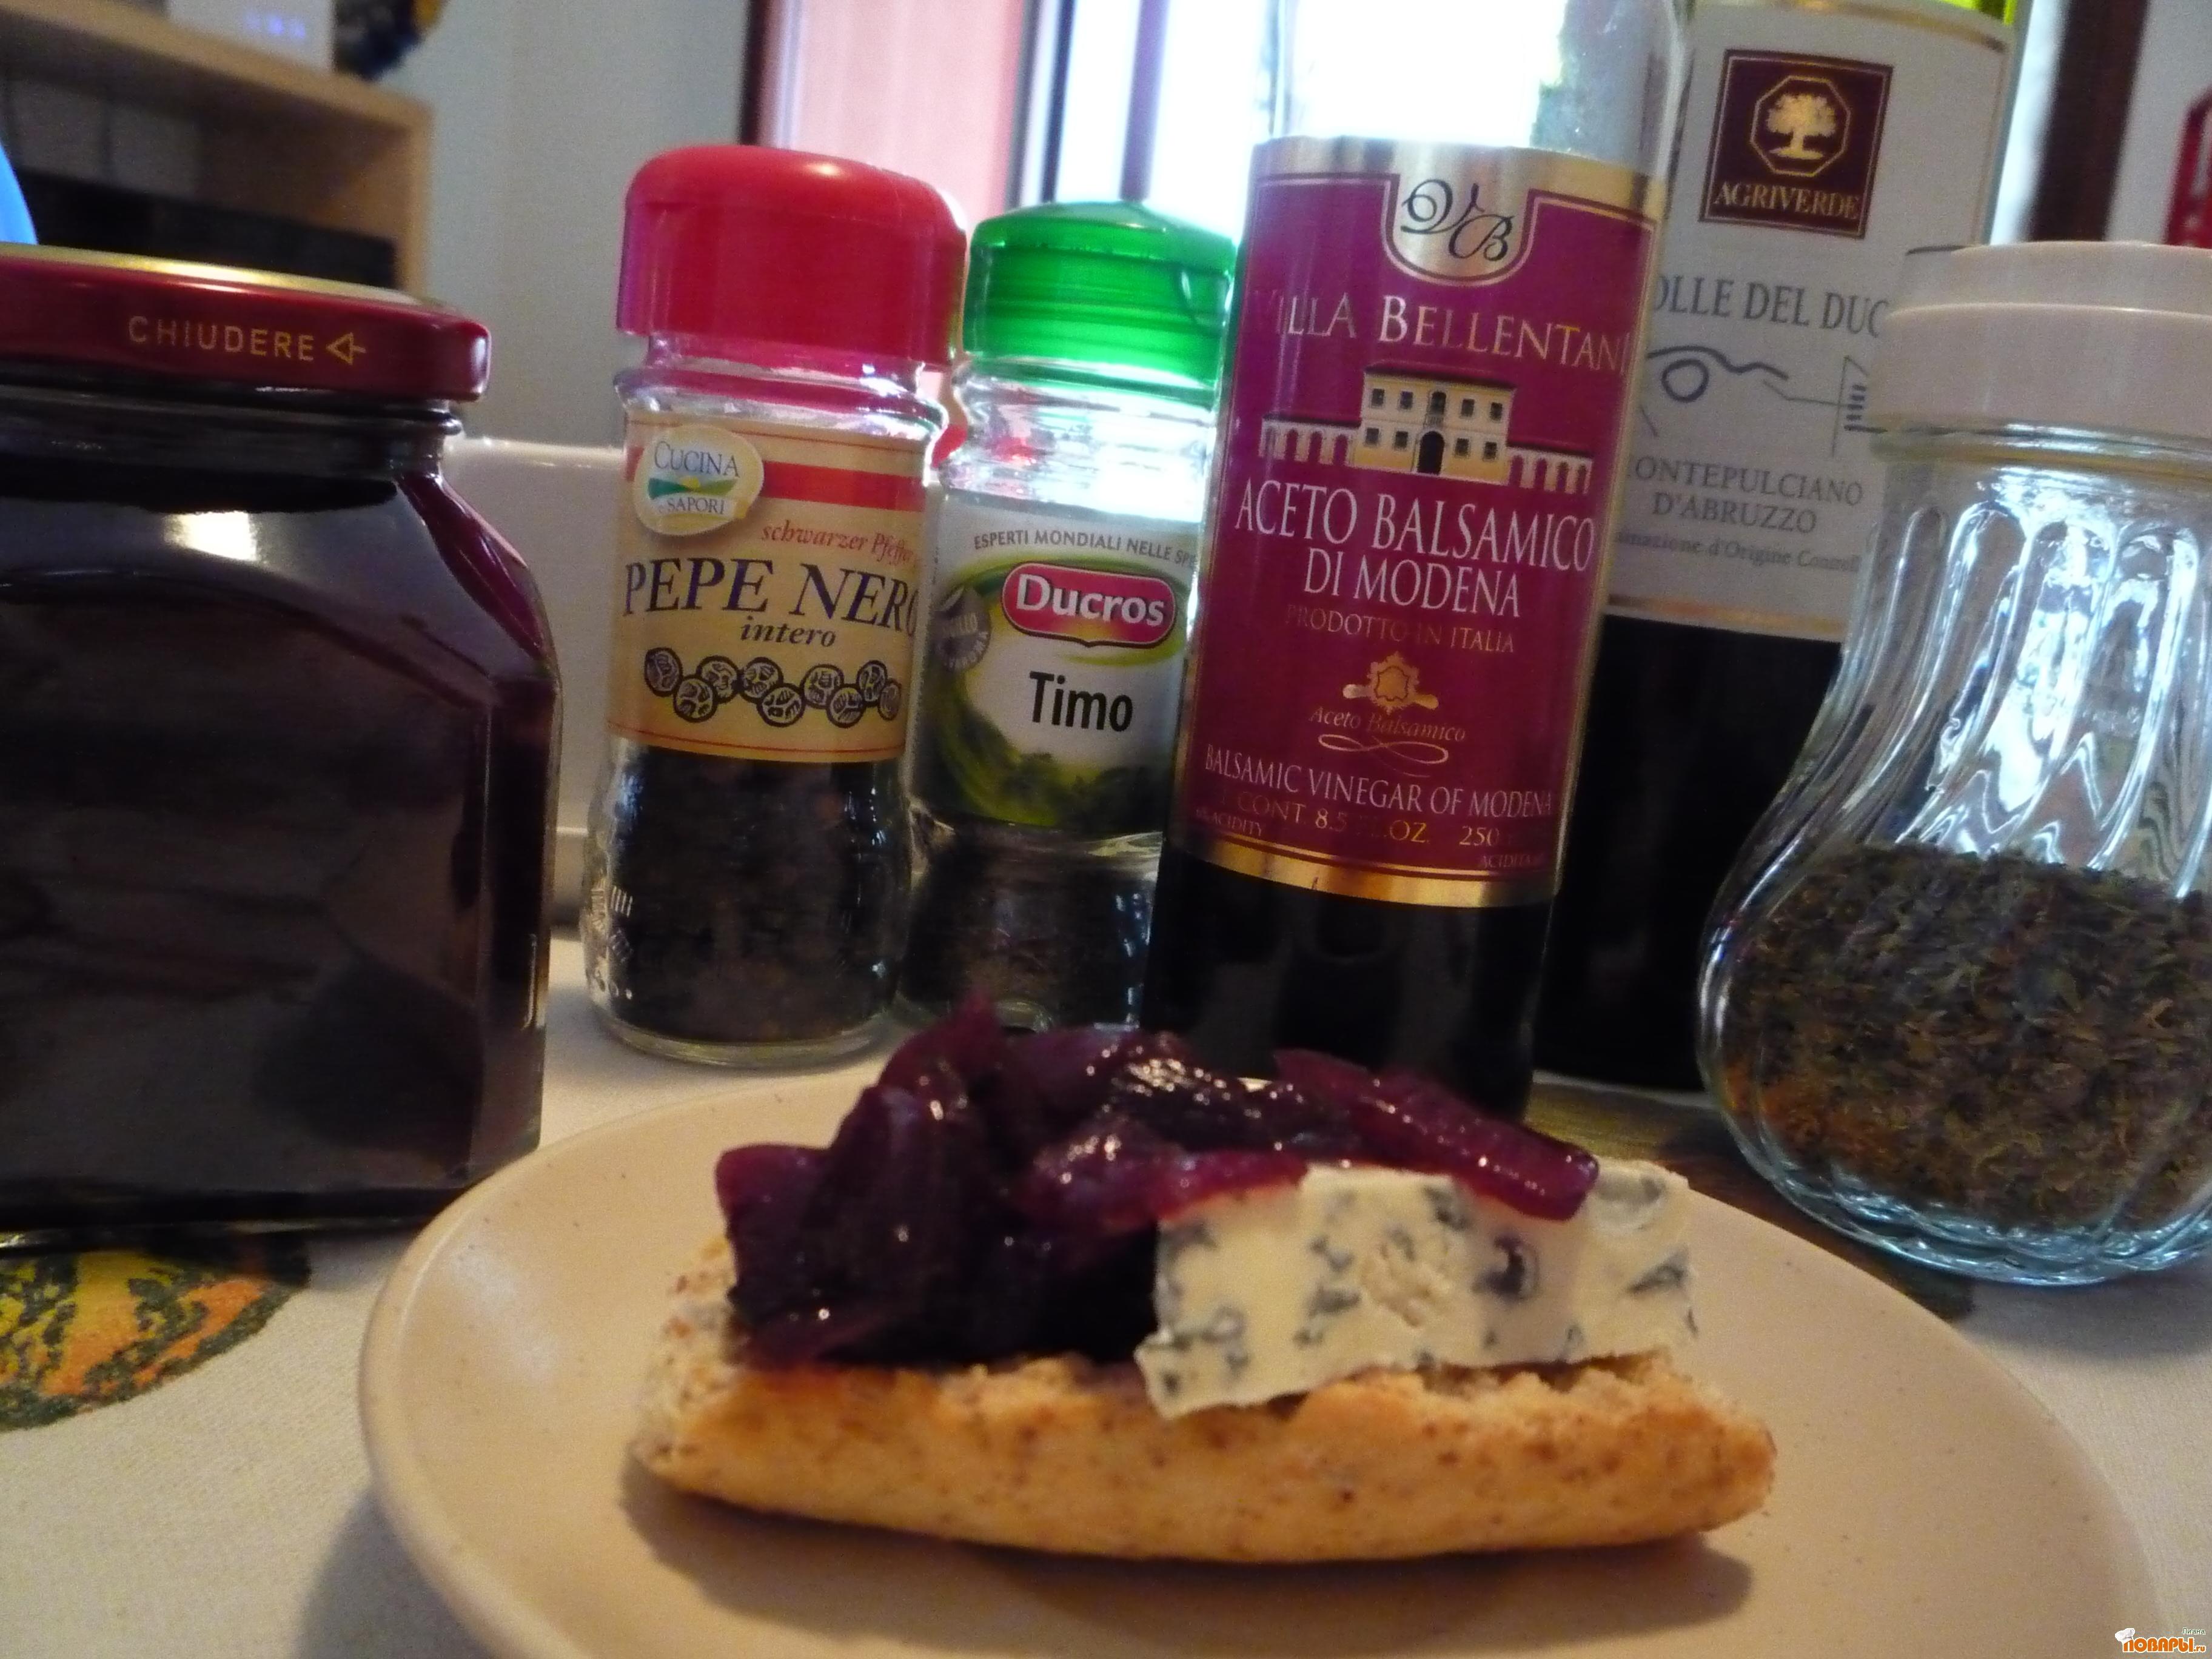 Рецепт Луковый мармелад - изысканное дополнение к паштетам и сырной тарелке.